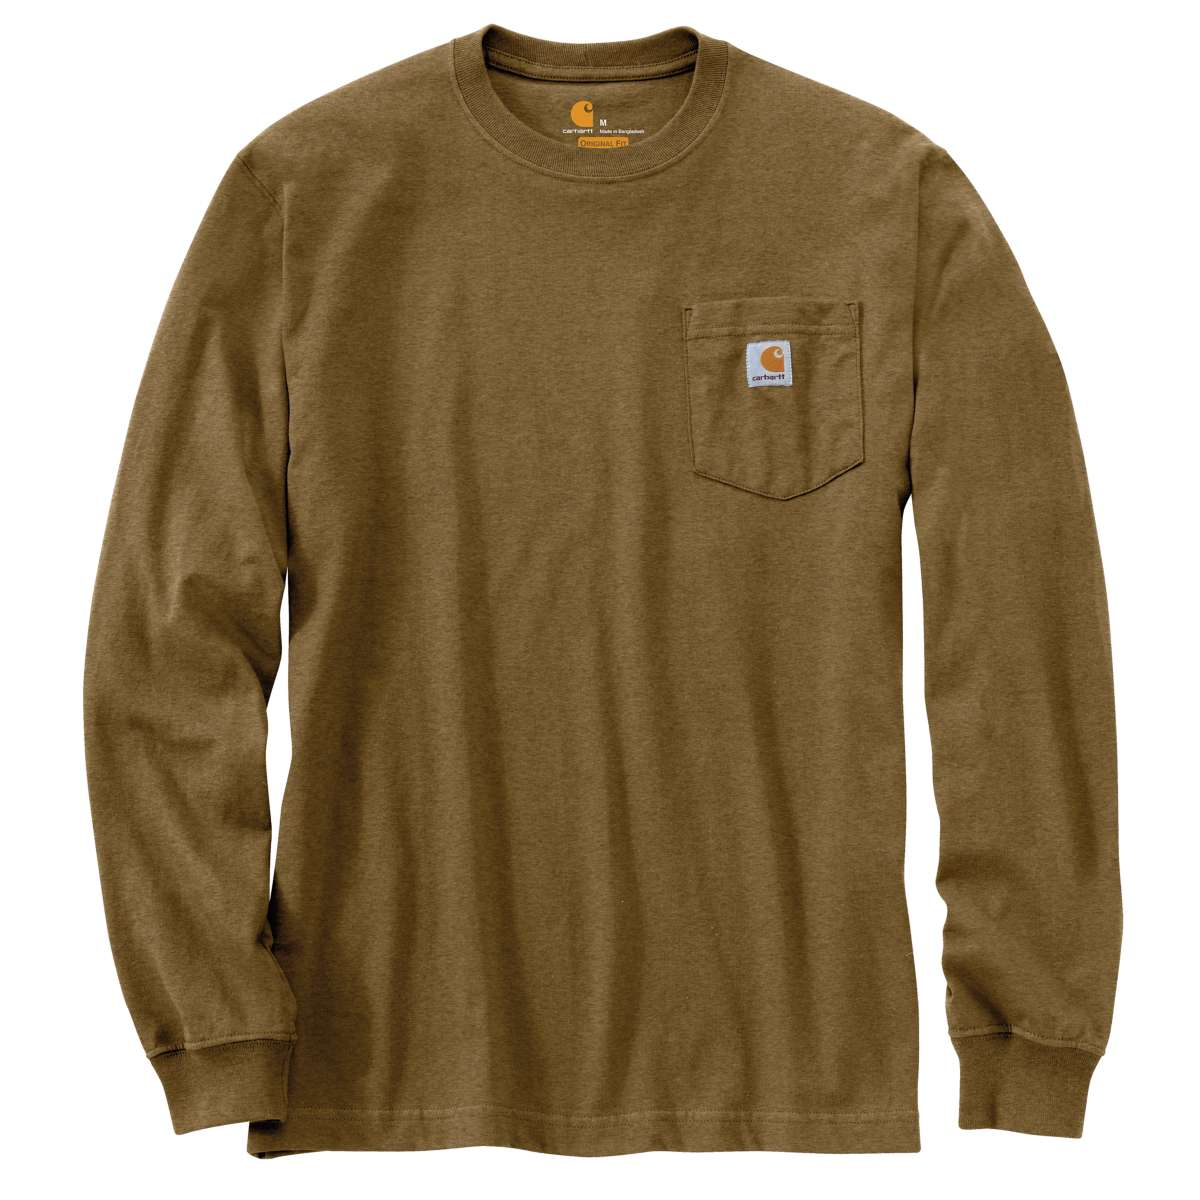 Carhartt Men's Workwear Pocket Long-Sleeve Tee - Brown, M